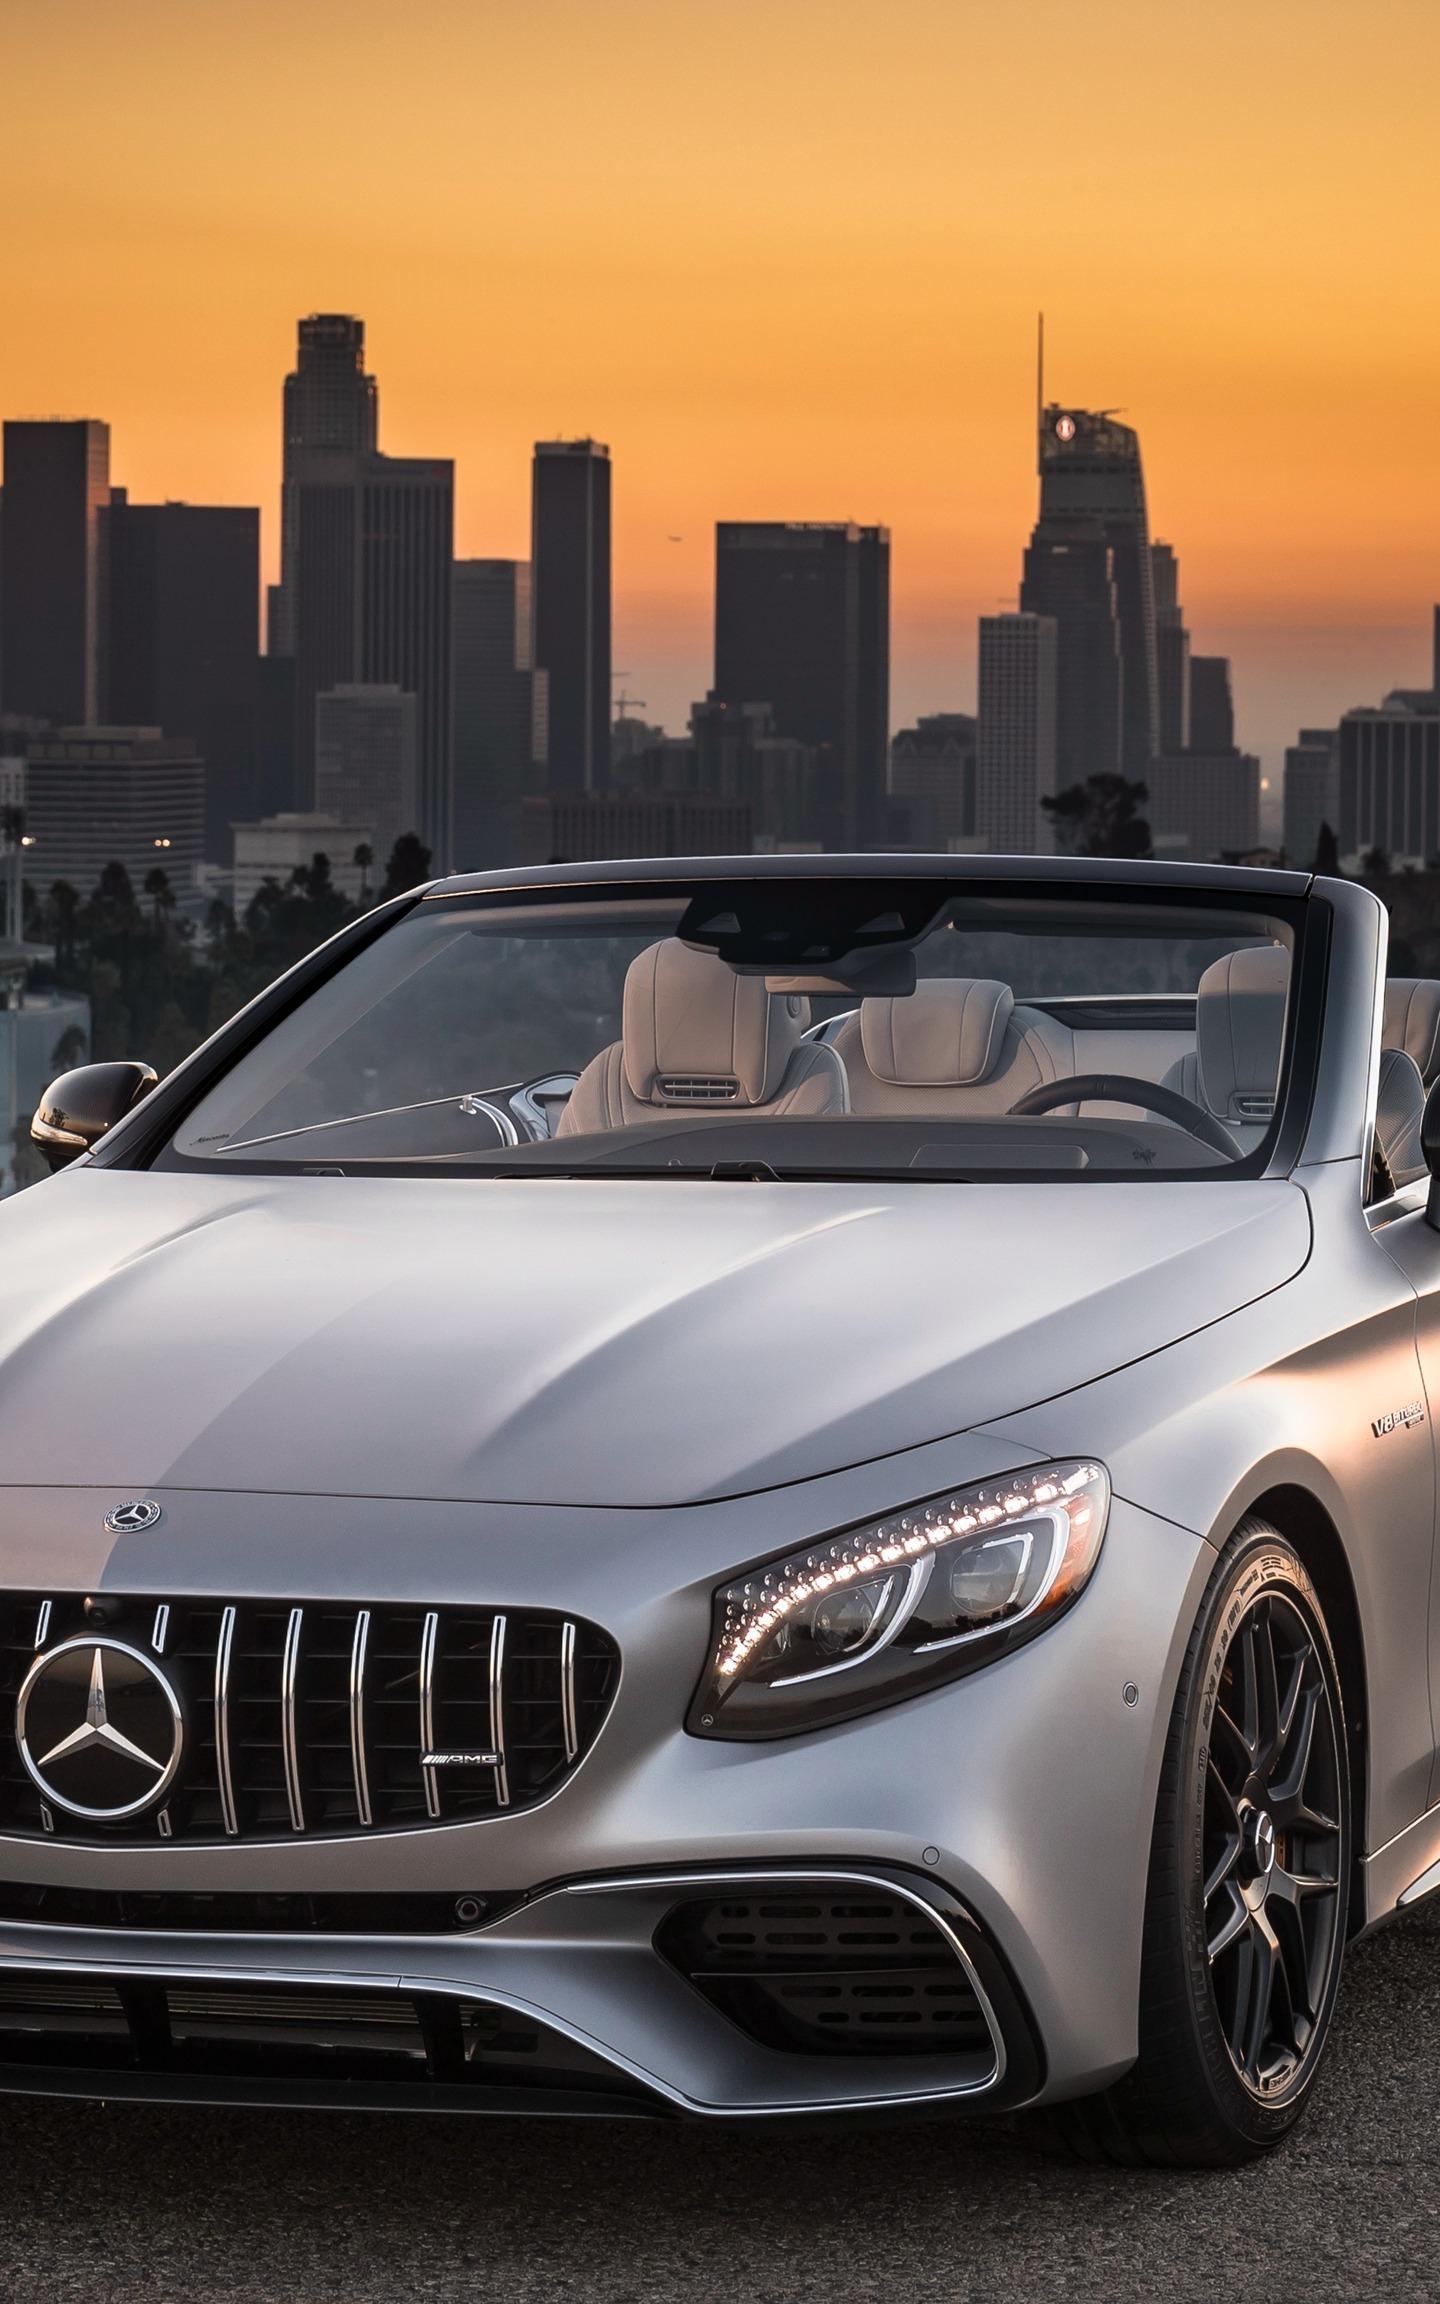 Mercedes-AMG S63 4MATIC Cabriolet, sports car, 1440x2960 wallpaper